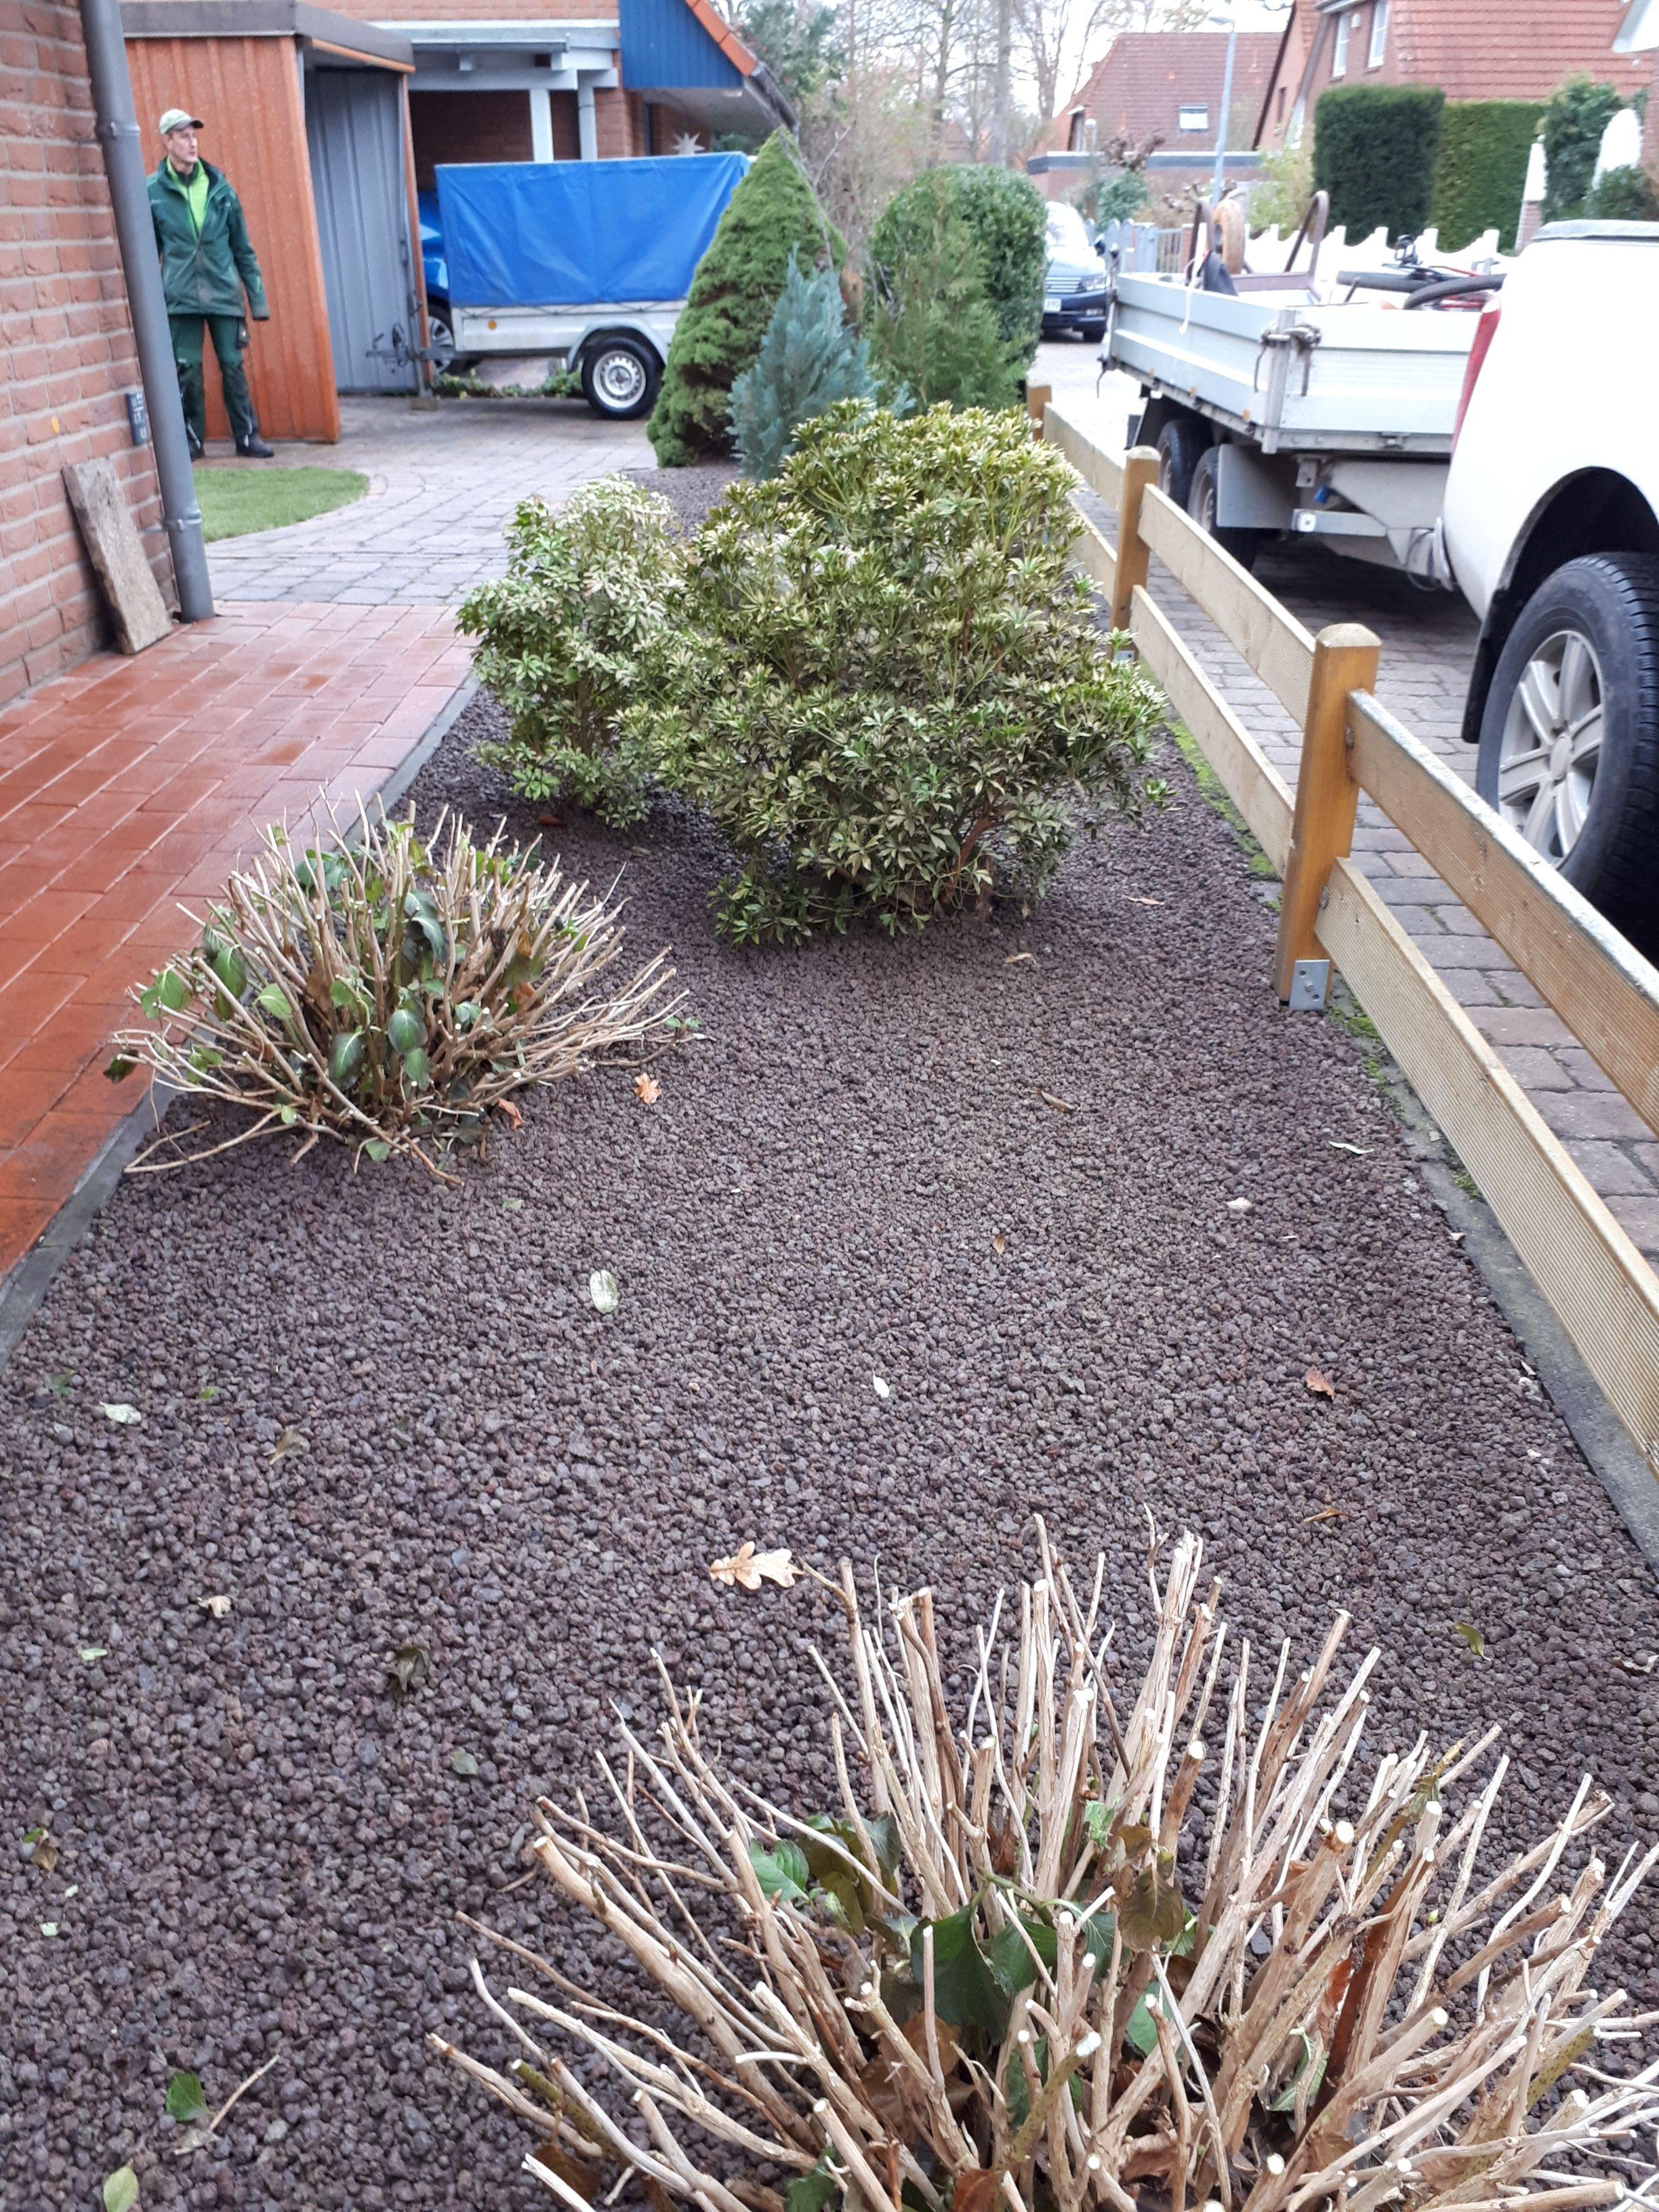 Beetgestaltung Mit Lavadur Von Greenfairway E K Gartenpflege Garten Gartengestaltung